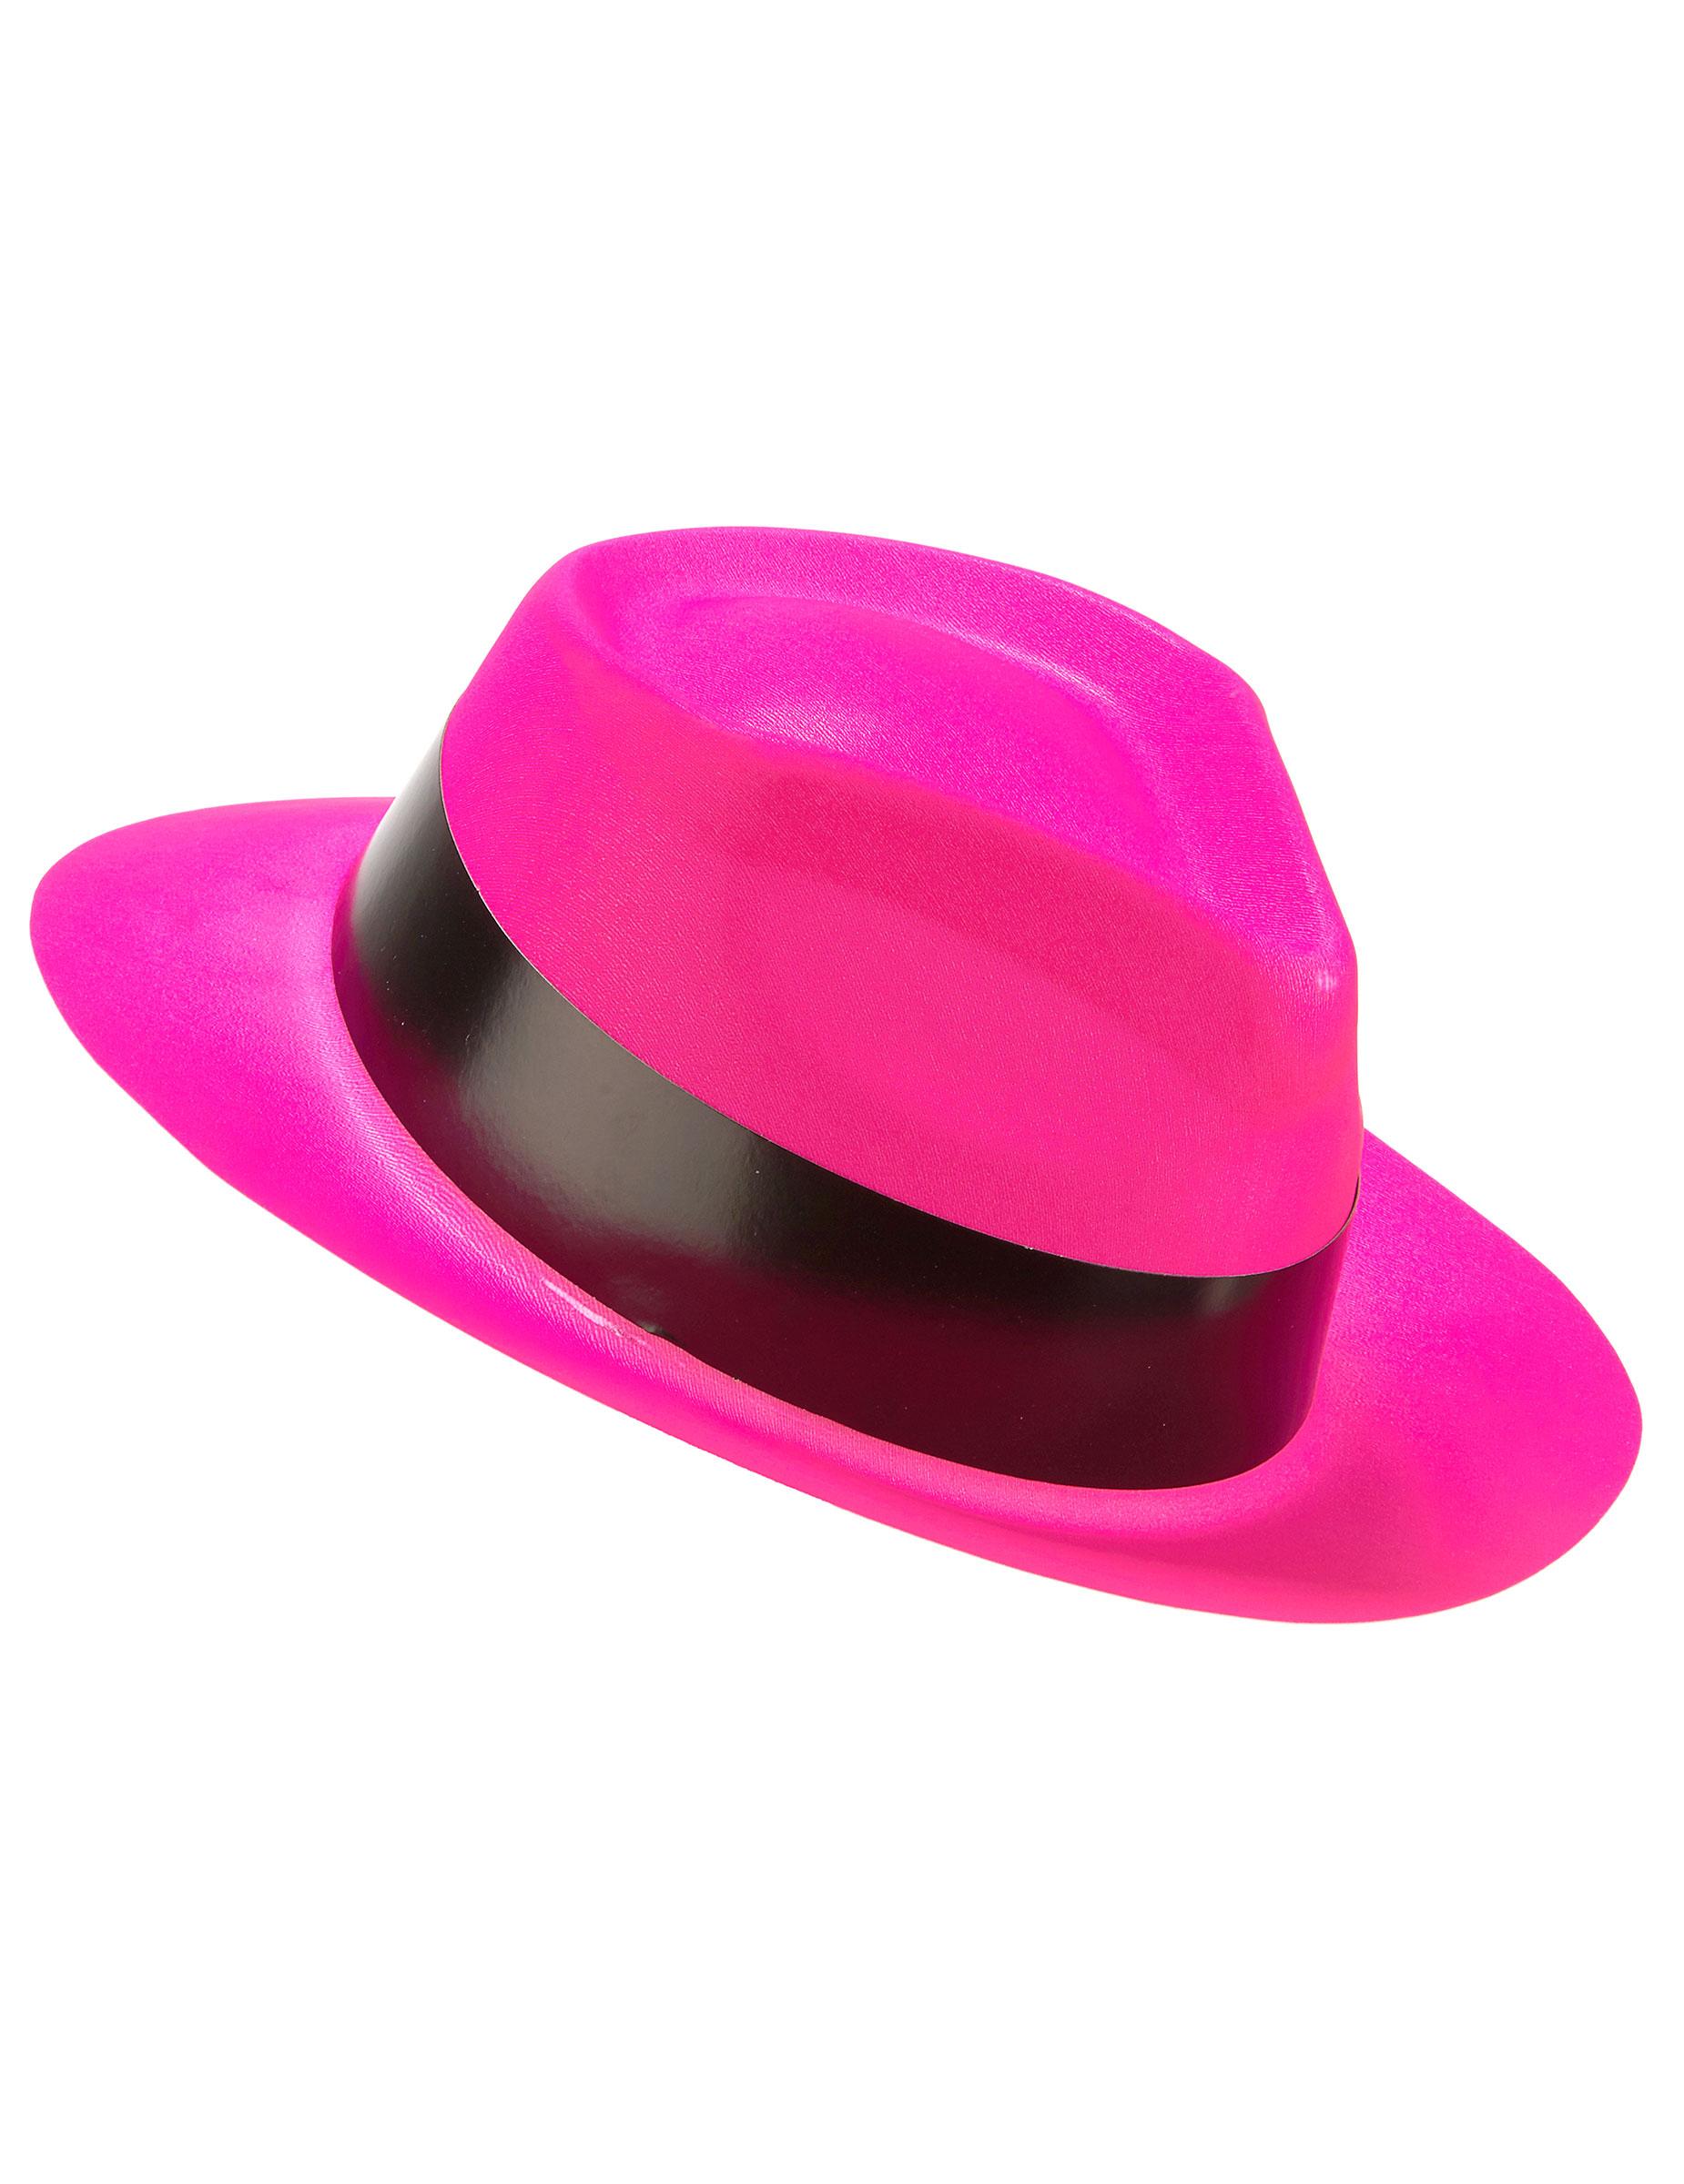 Casquettes Adulte Sportswear Casquette - Chapeau -